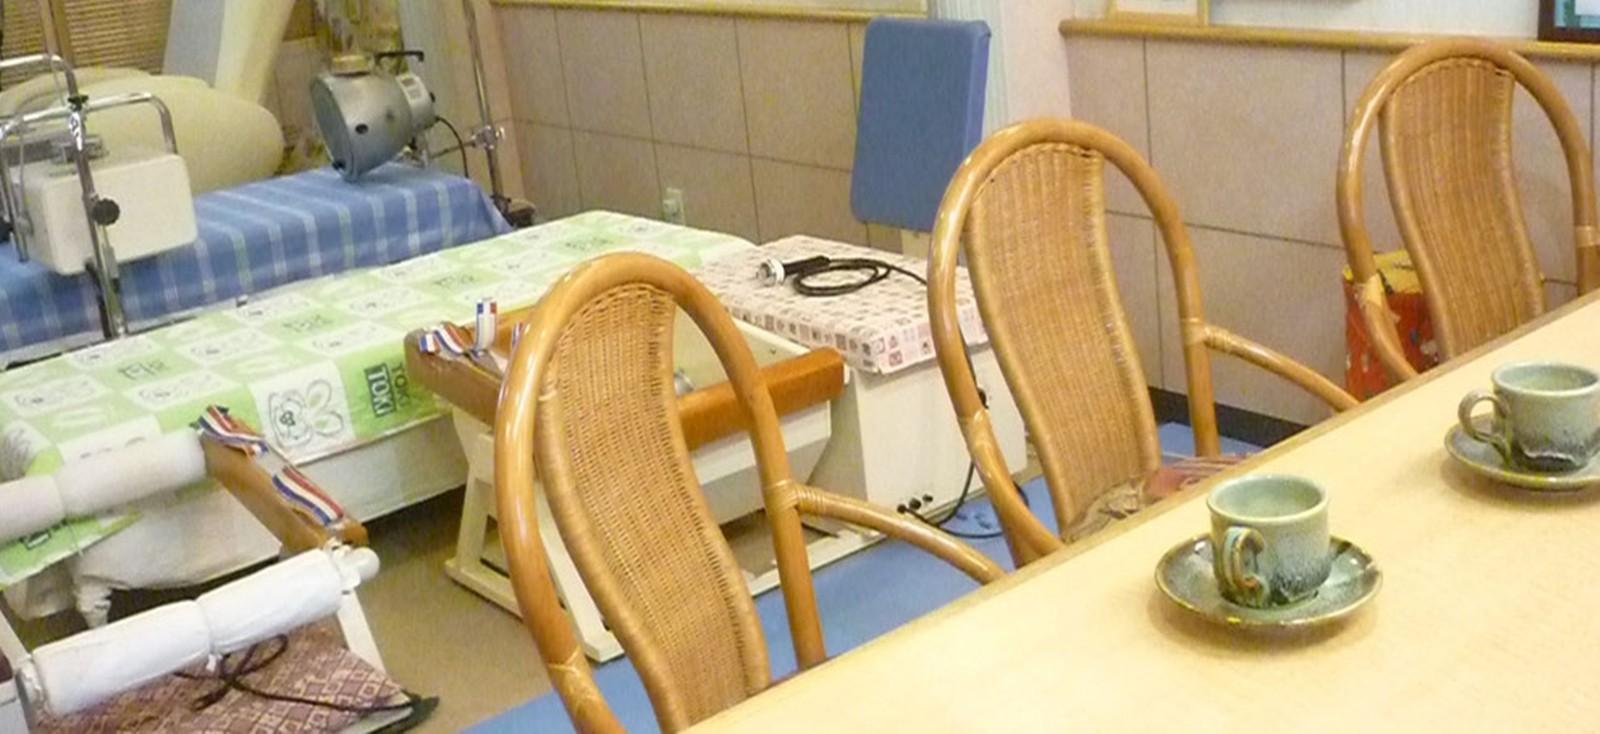 カフェ風の院内でリラックスしながら施術をお受け頂きます。